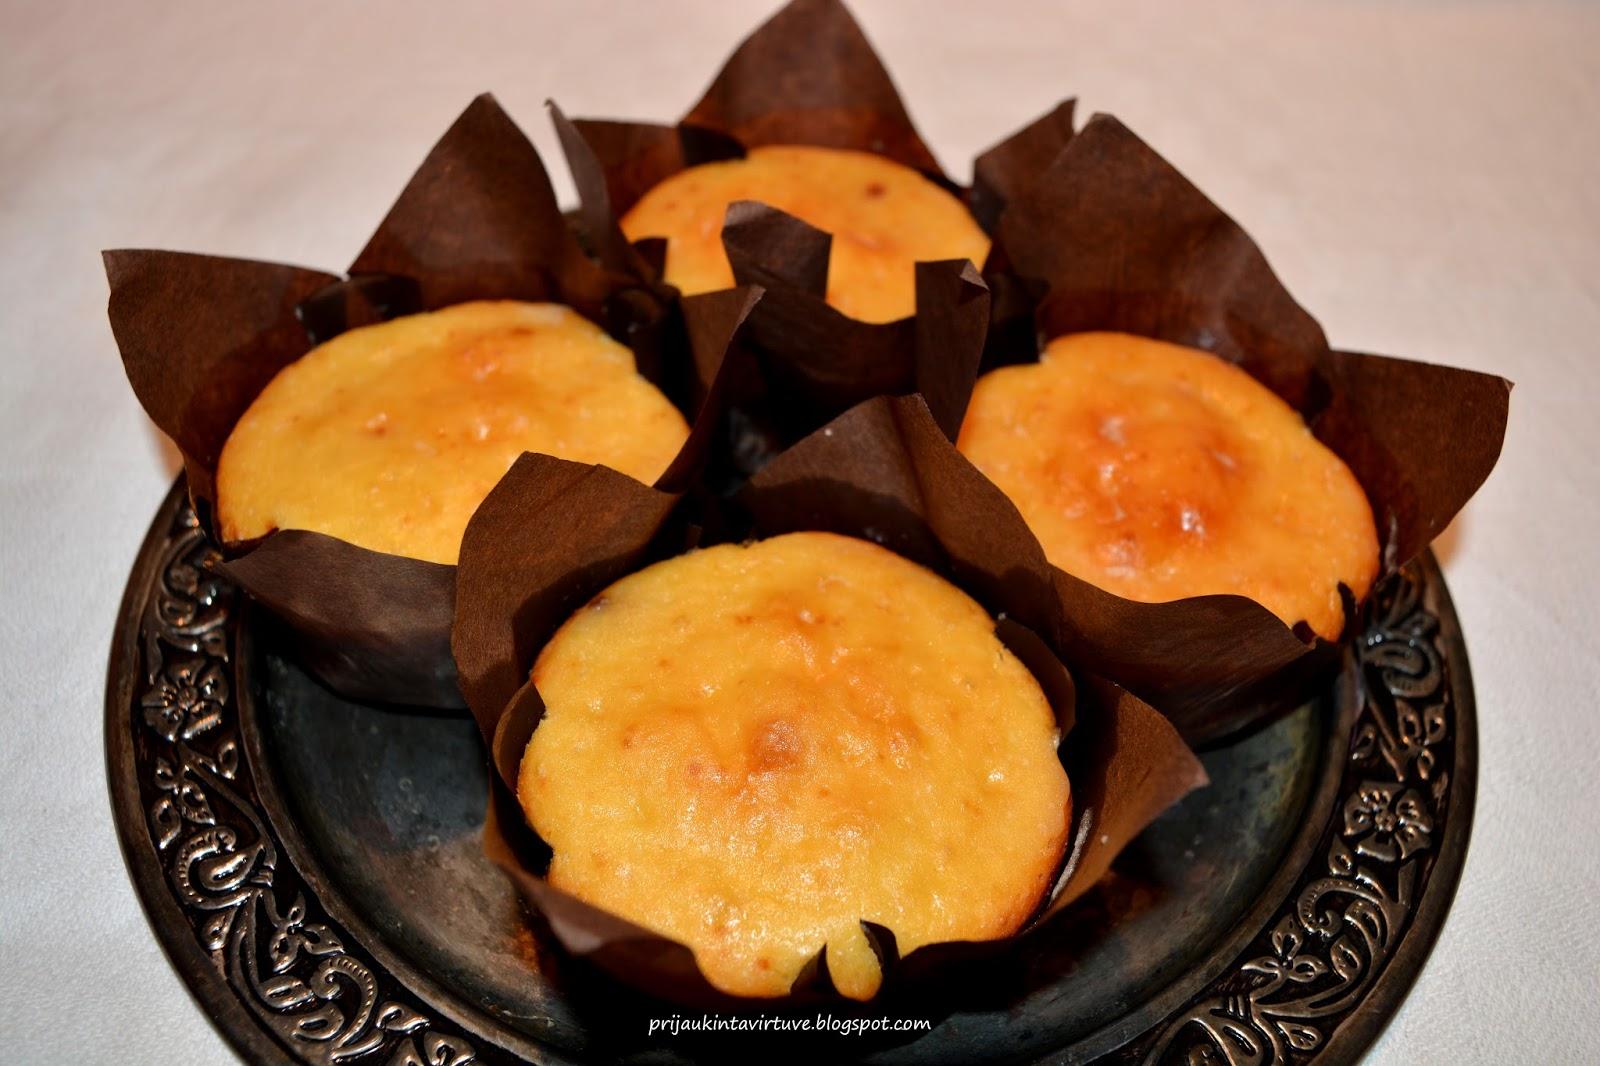 Apelsininiai keksiukai – Netik skonis, bet ir gundantis aromatas